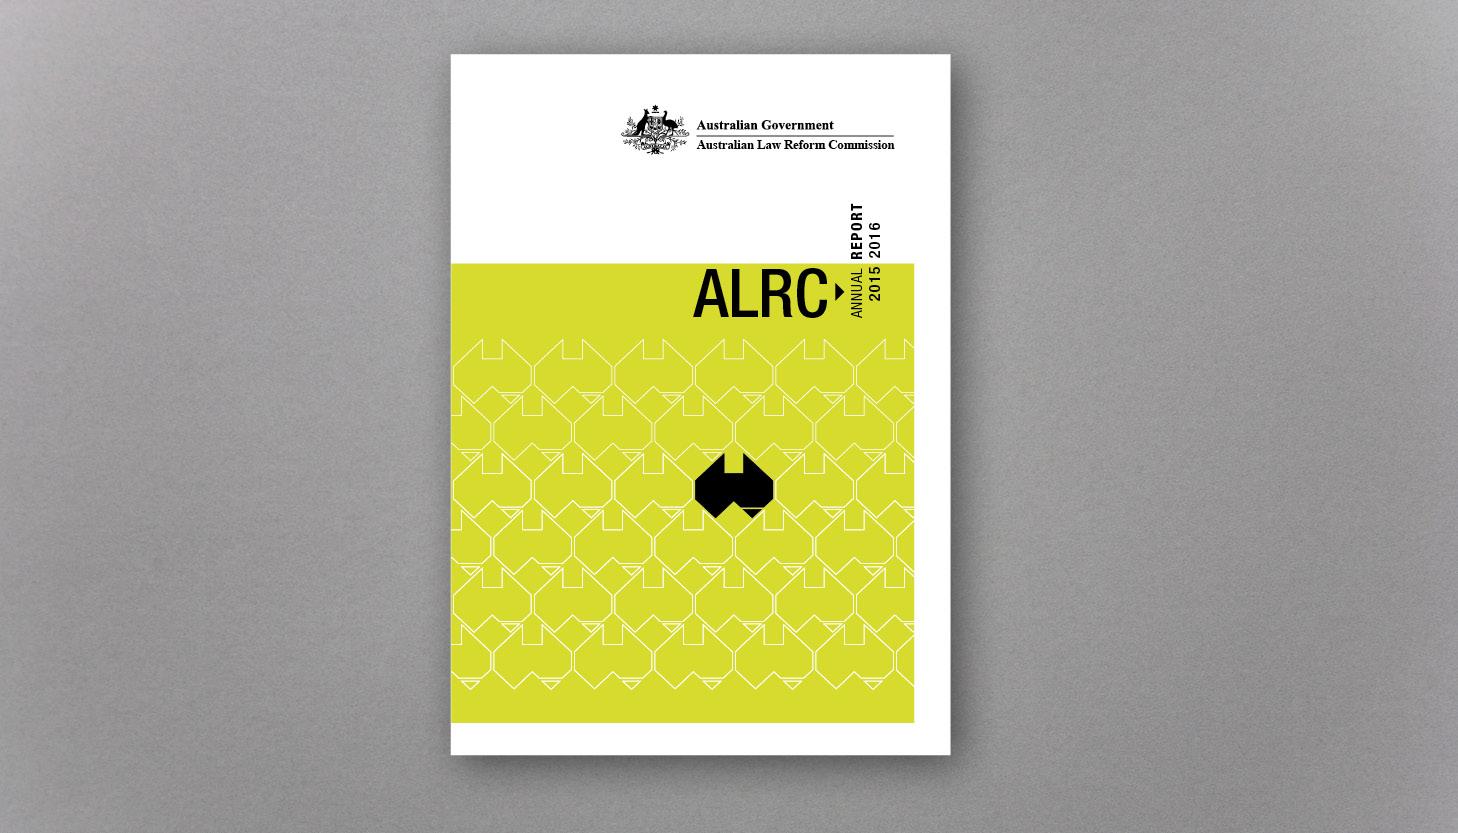 alrc-2015-16-ar